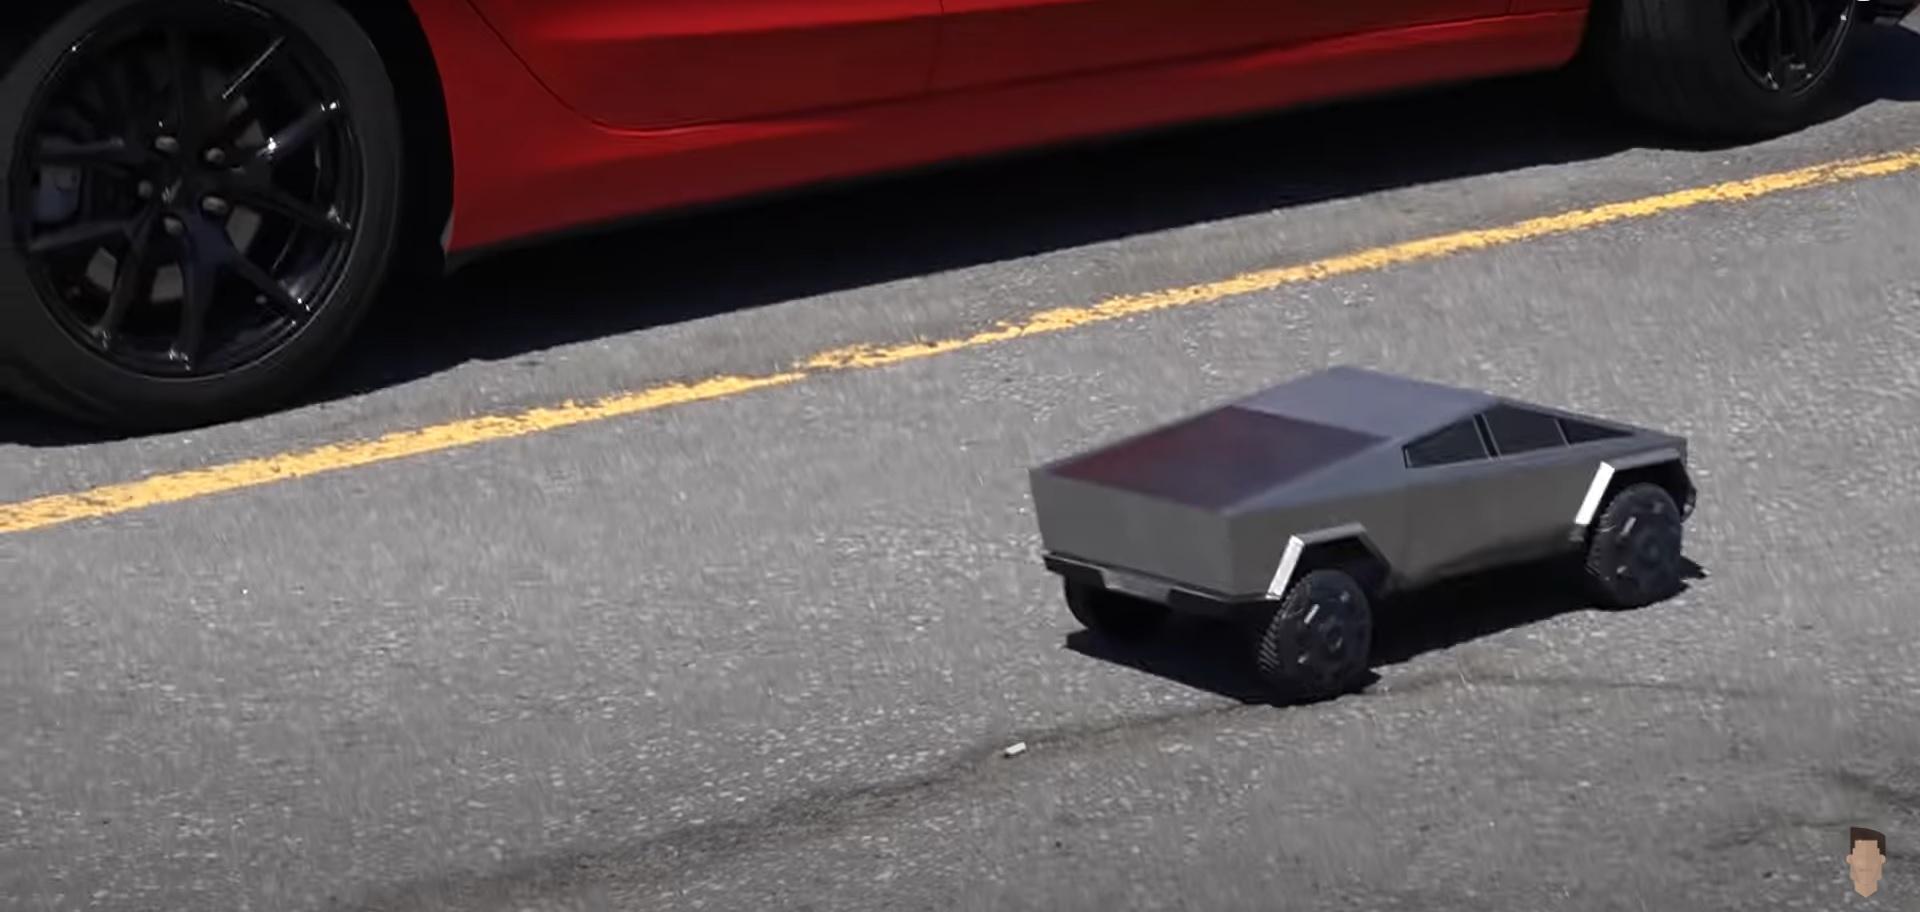 Tesla-cybertruck-model-3